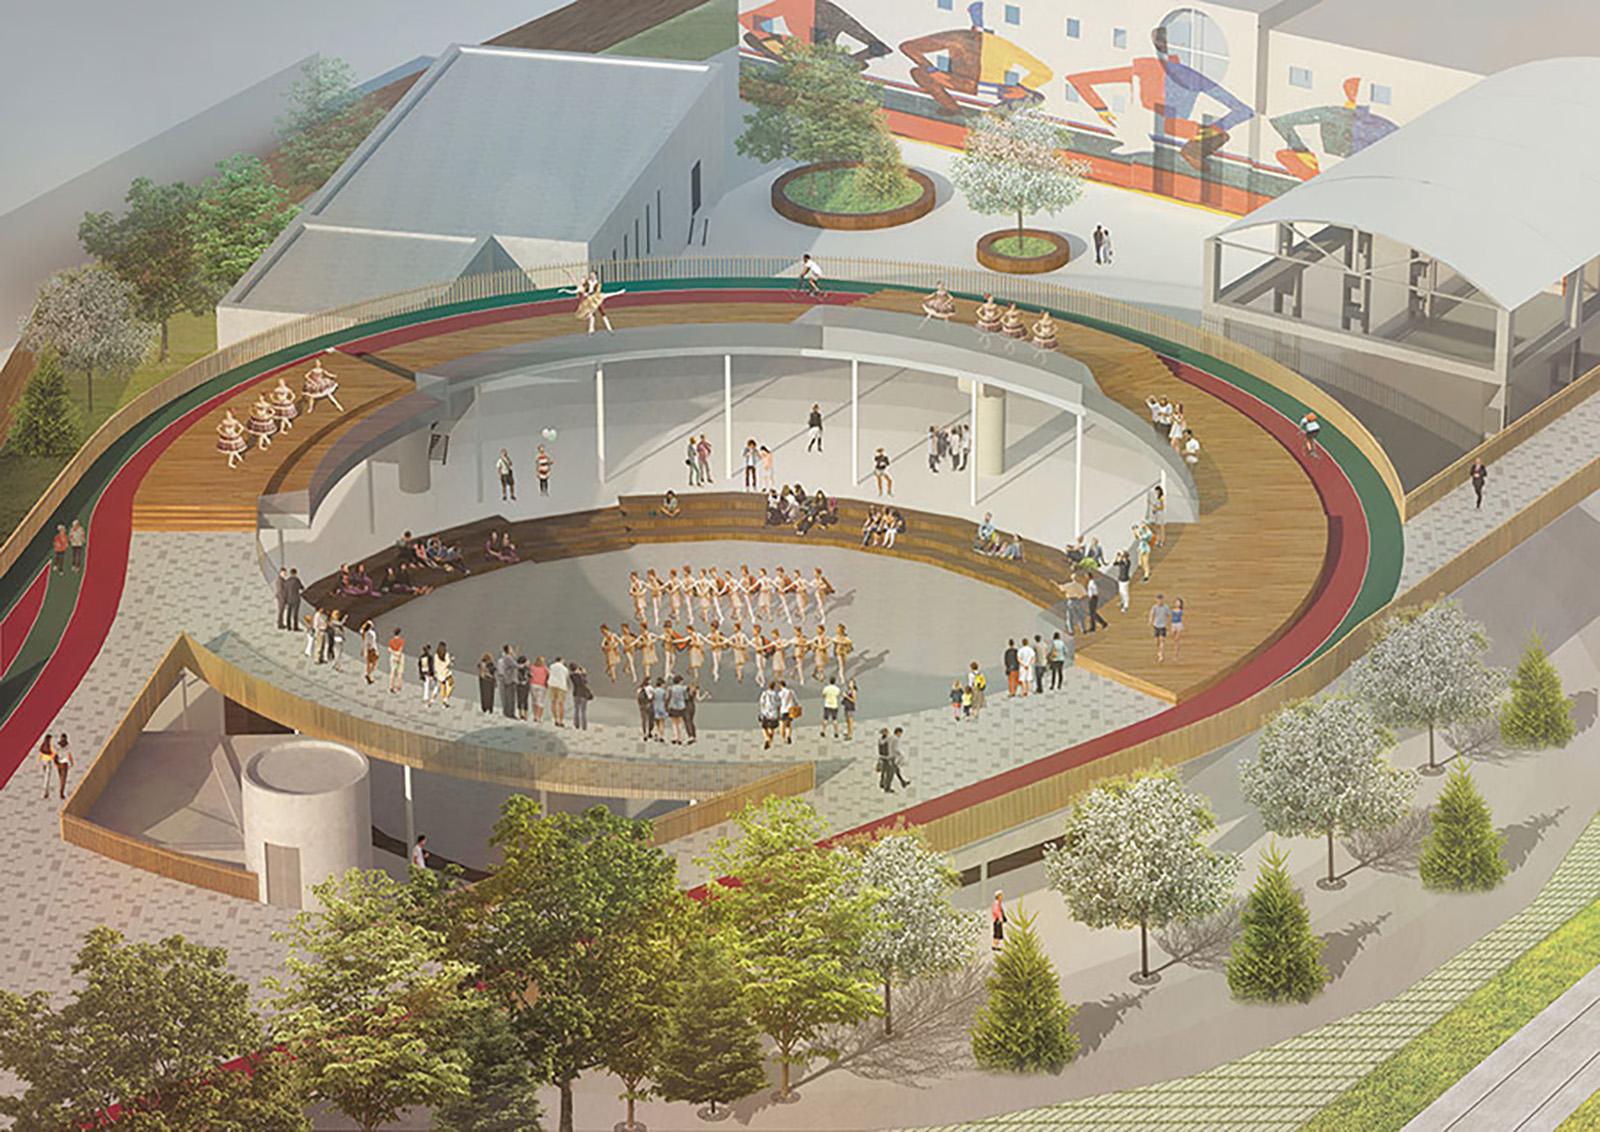 В депо монорельса появятся театральная площадка и музей транспорта. В музее можно будет посмотреть на уникальные составы монорельса и узнатьего историю